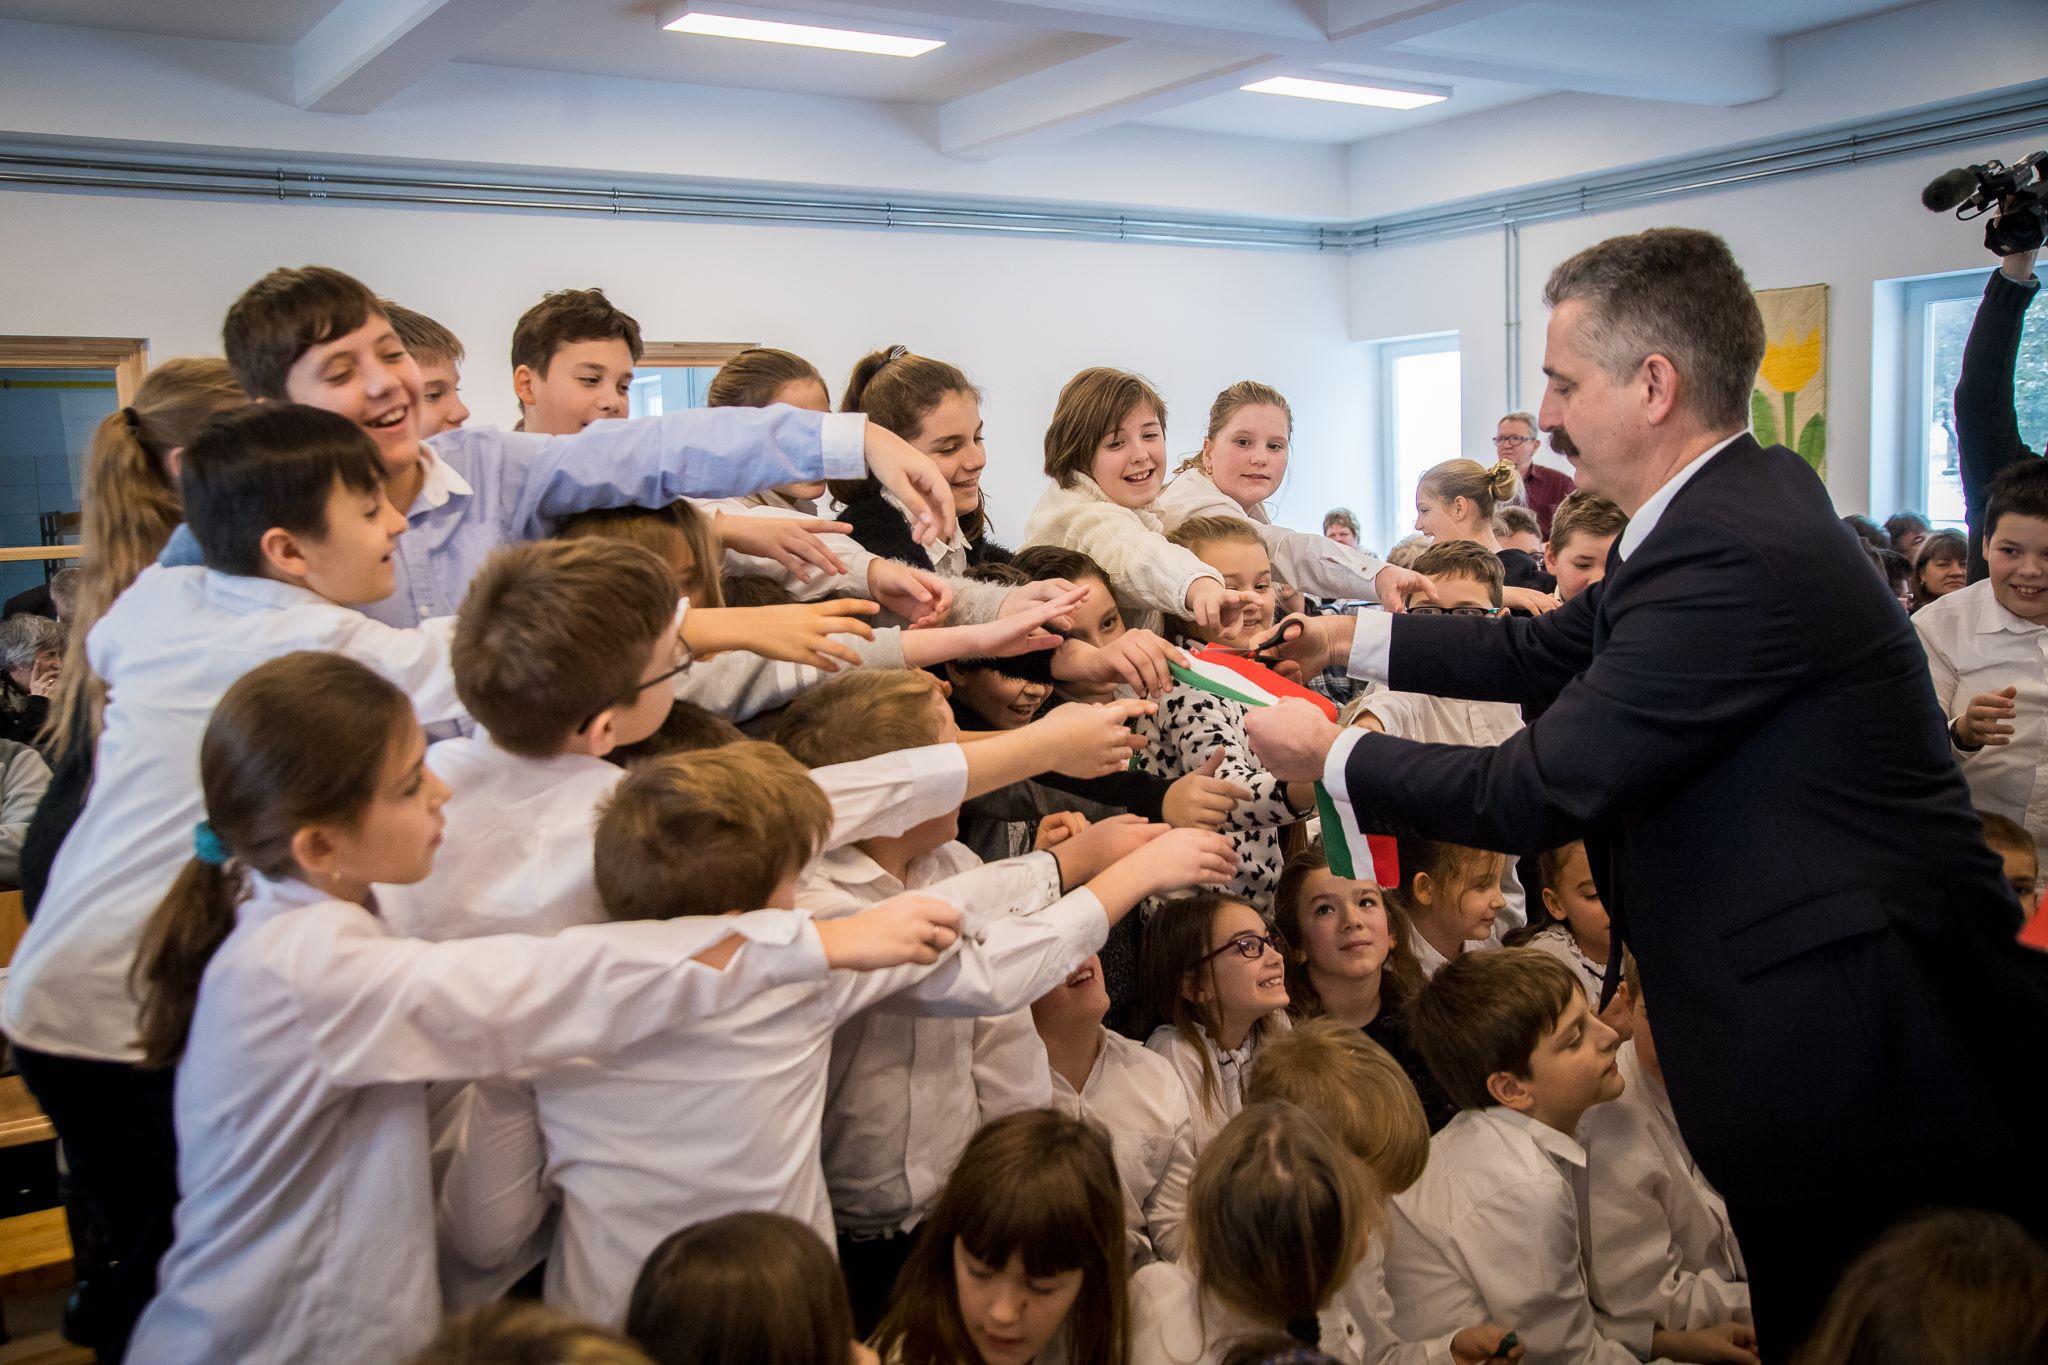 Tessely Zoltán egy iskolában meghirdette az Ismét Tegyük Naggyá Magyarországot programot